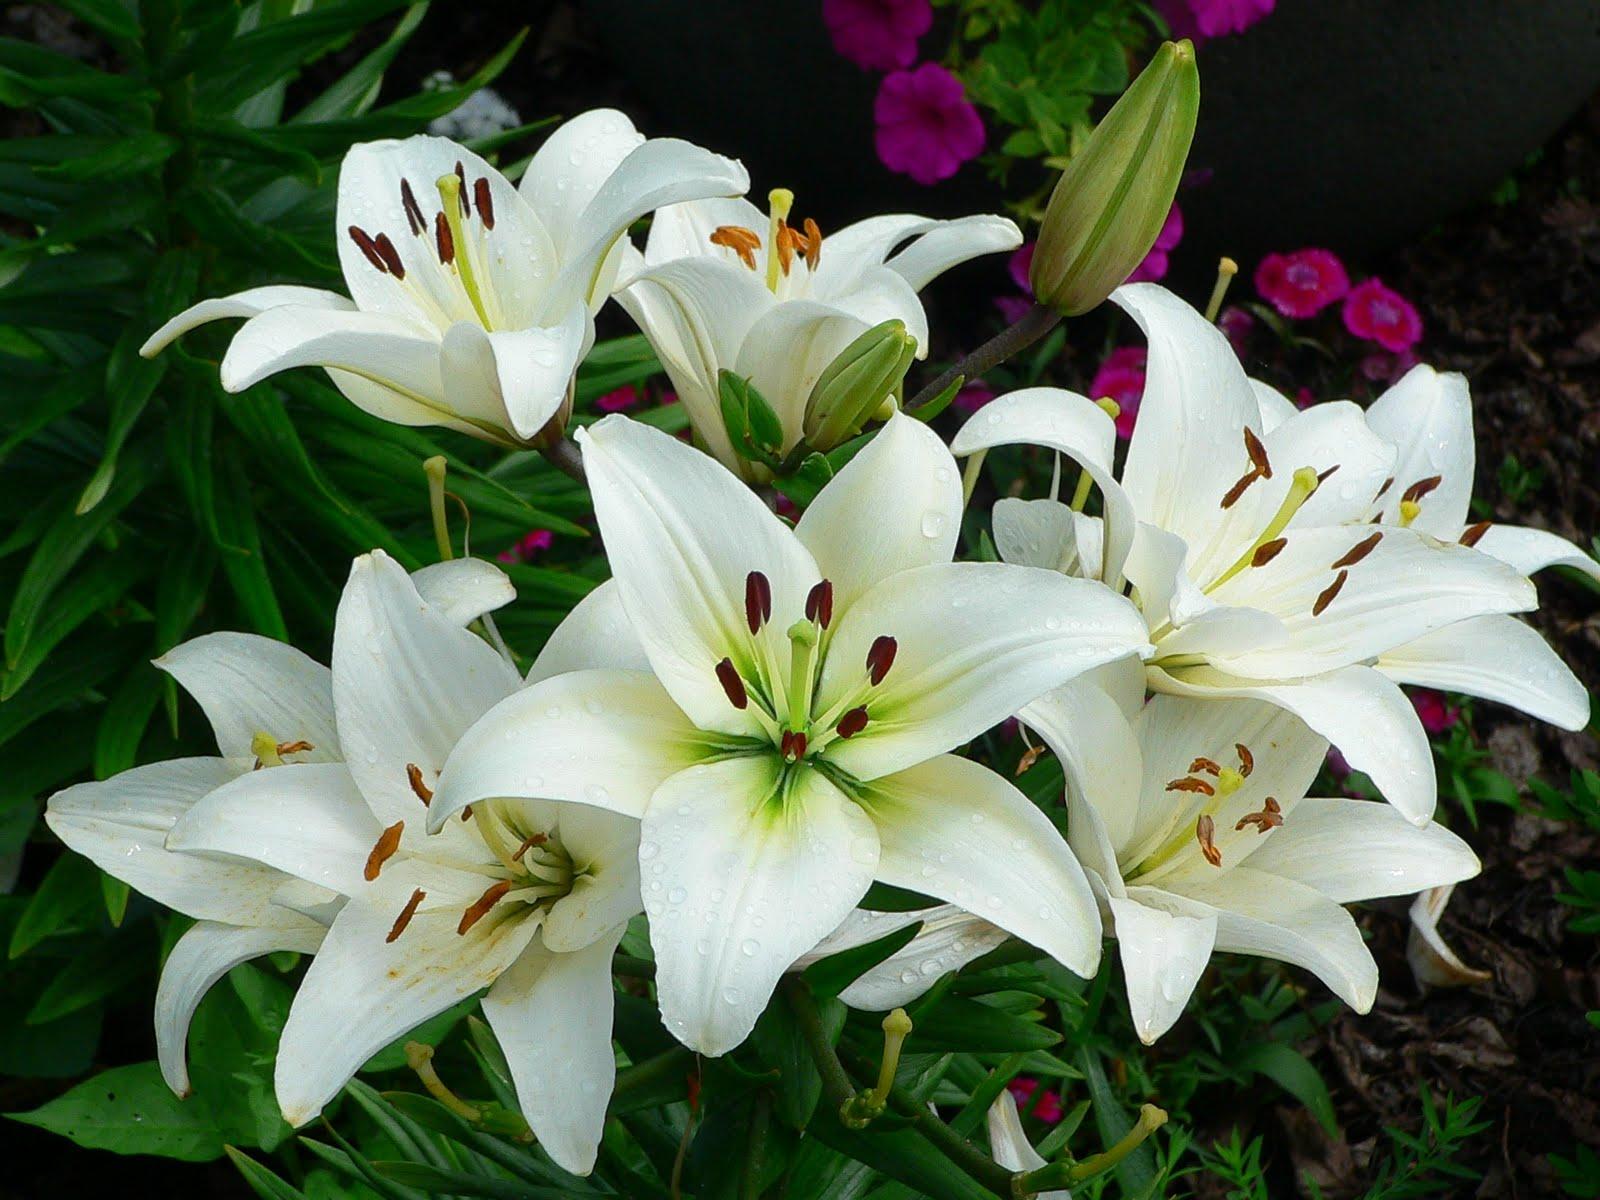 Hoa huệ là loại hoa được các chị em lựa chọn để bày Tết